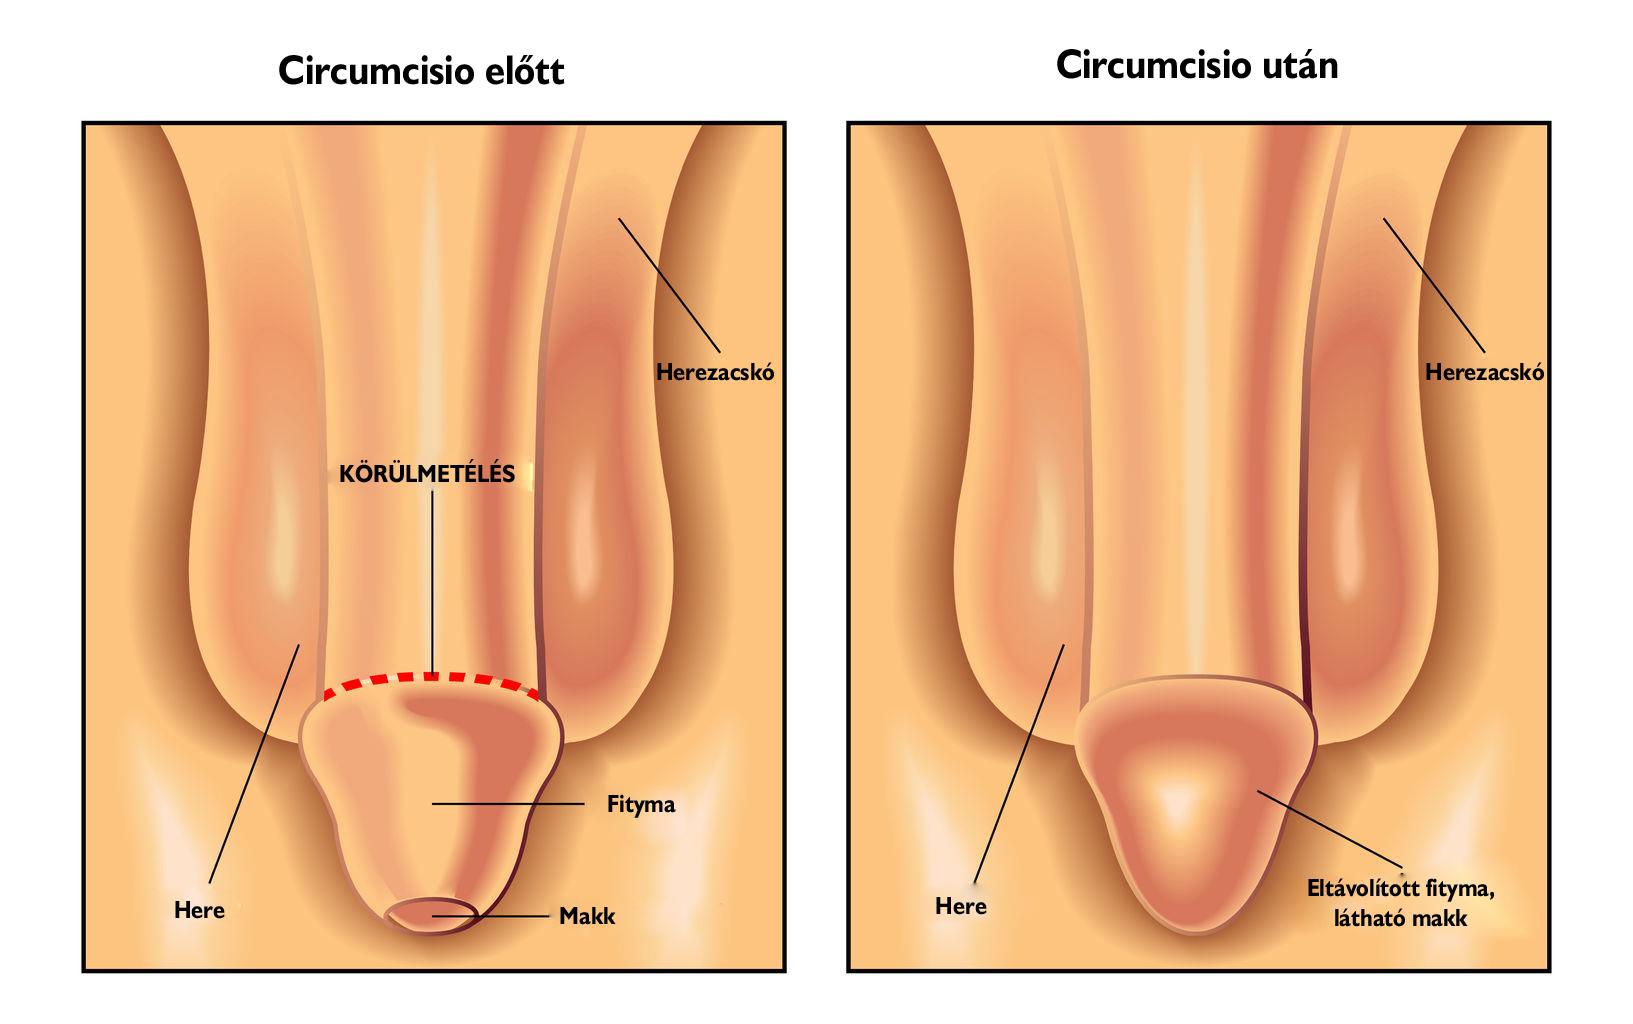 Condyloma - Dr. Felföldi Nőgyógyászat